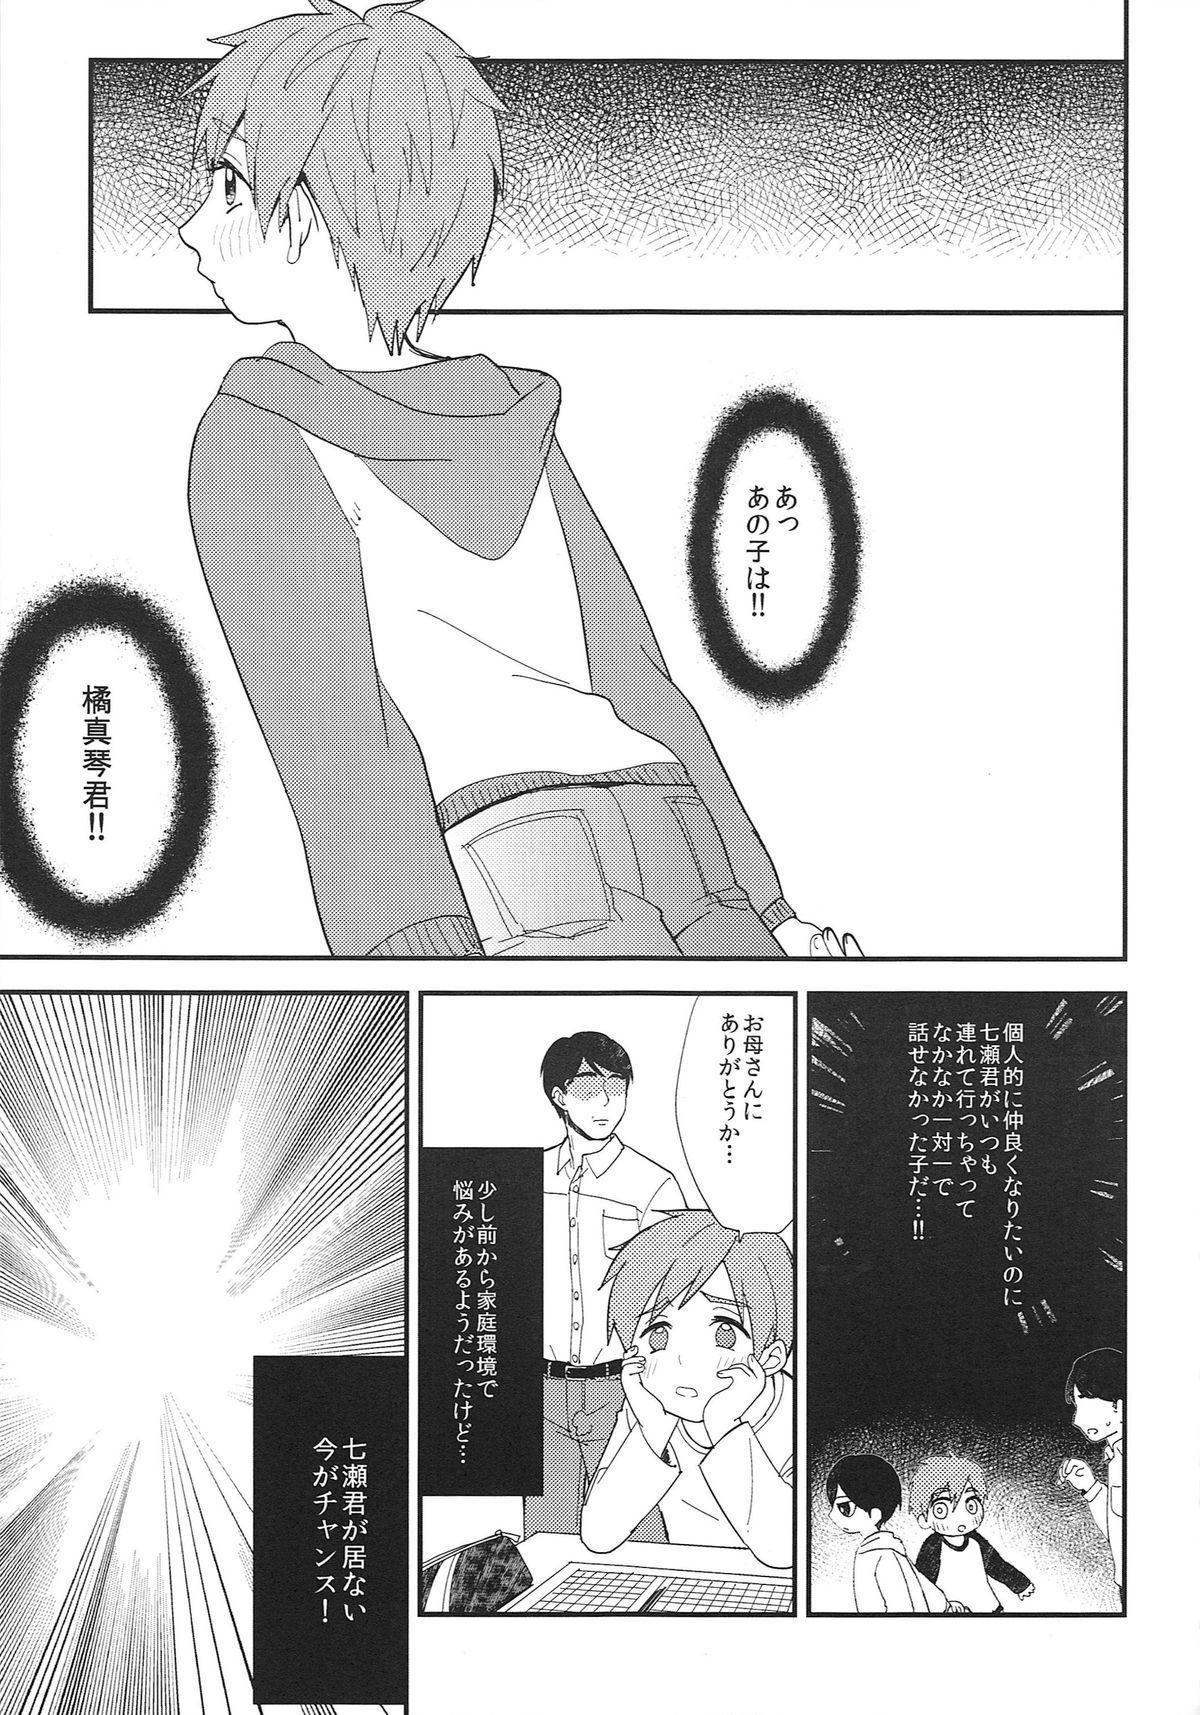 Onii-chan ni Naritakunai Yamai 5